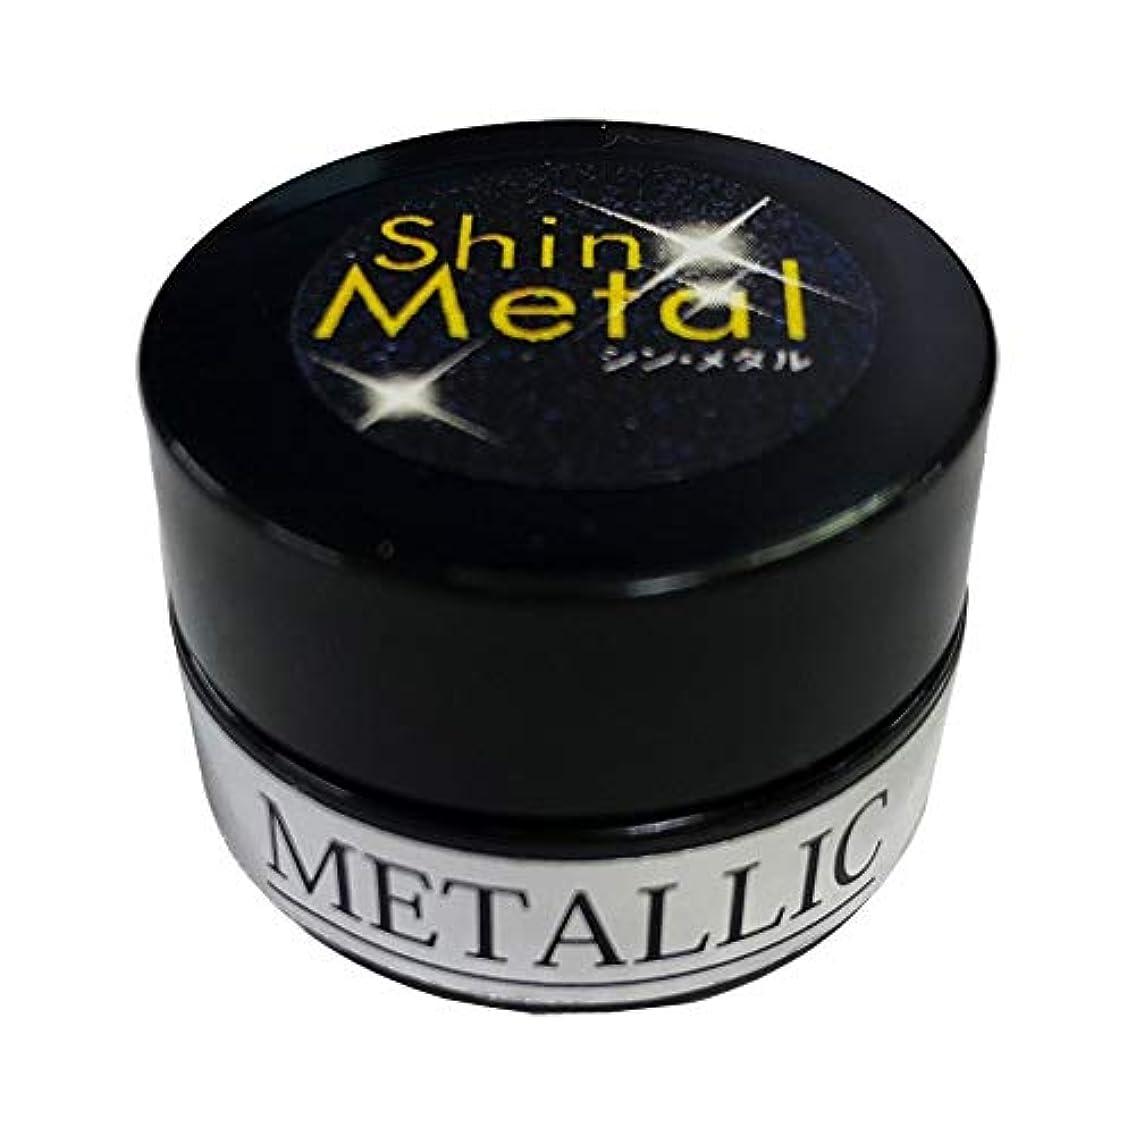 ボックス過敏なワイドJewelry Jel(ジュエリージェル) Jewelry Jel シン?メタル 3g ゴールド ジェルネイル